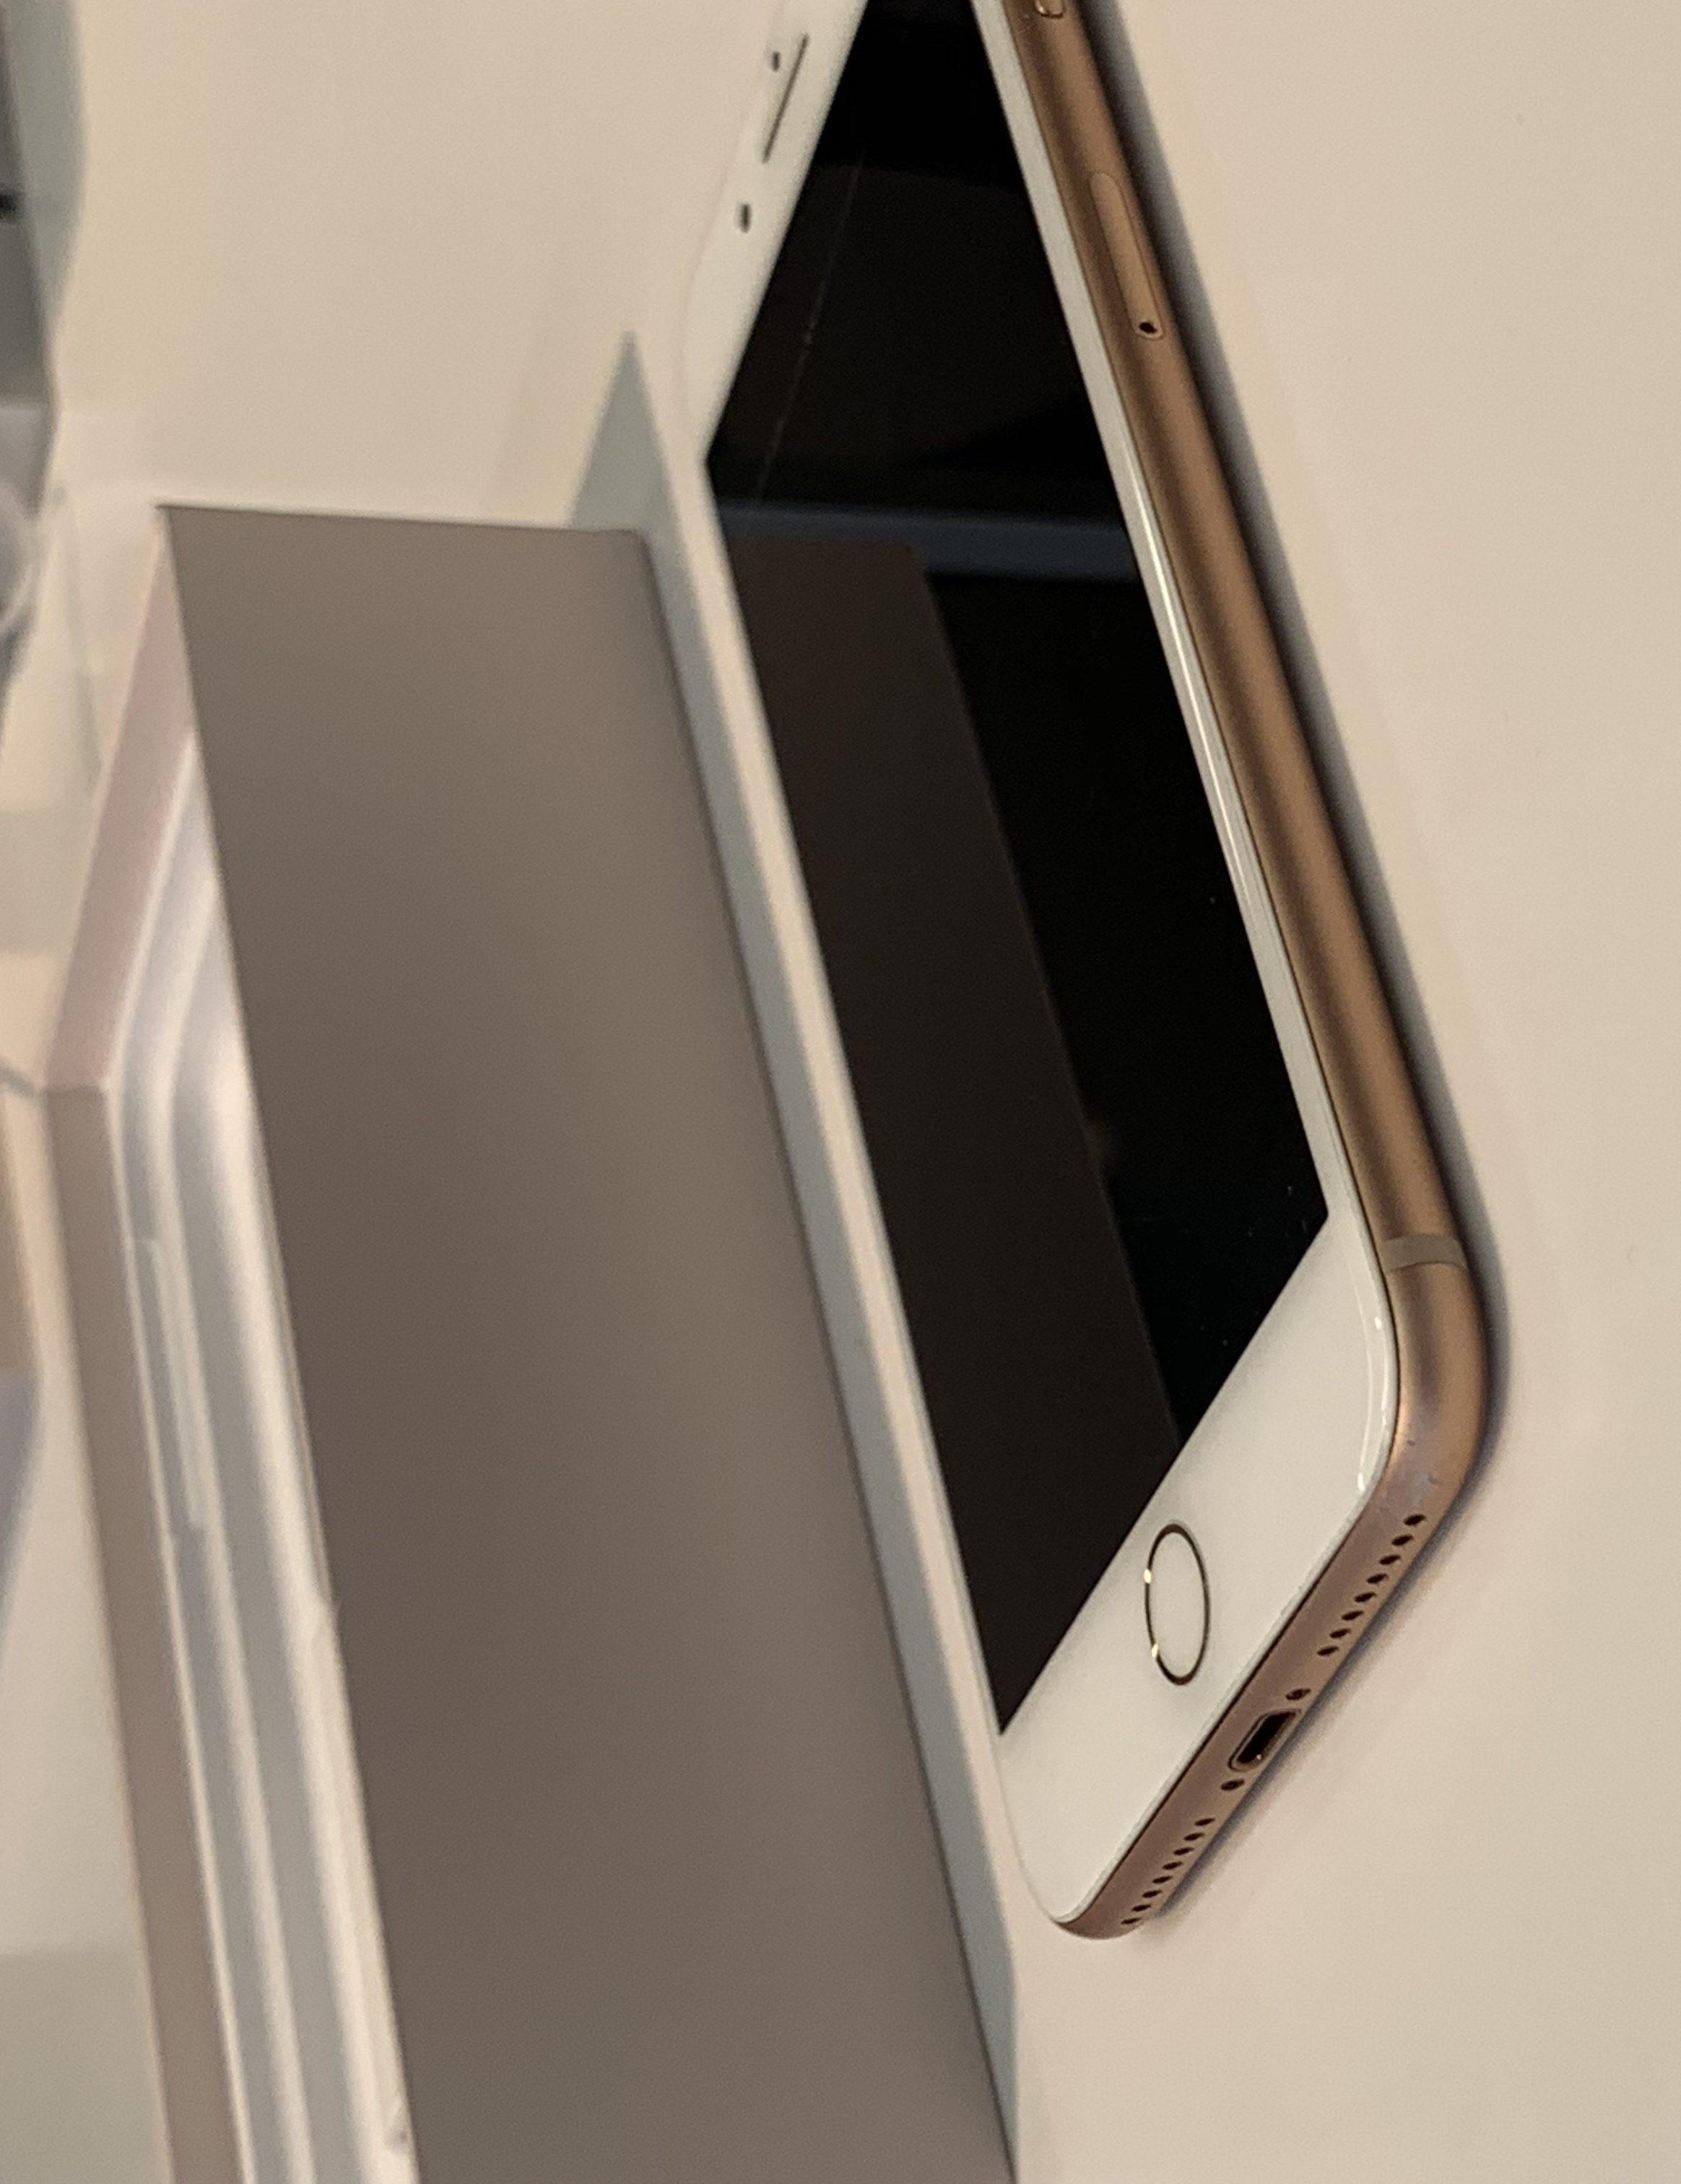 iPhone 8 Plus 64GB, 64GB, Gold, Bild 4